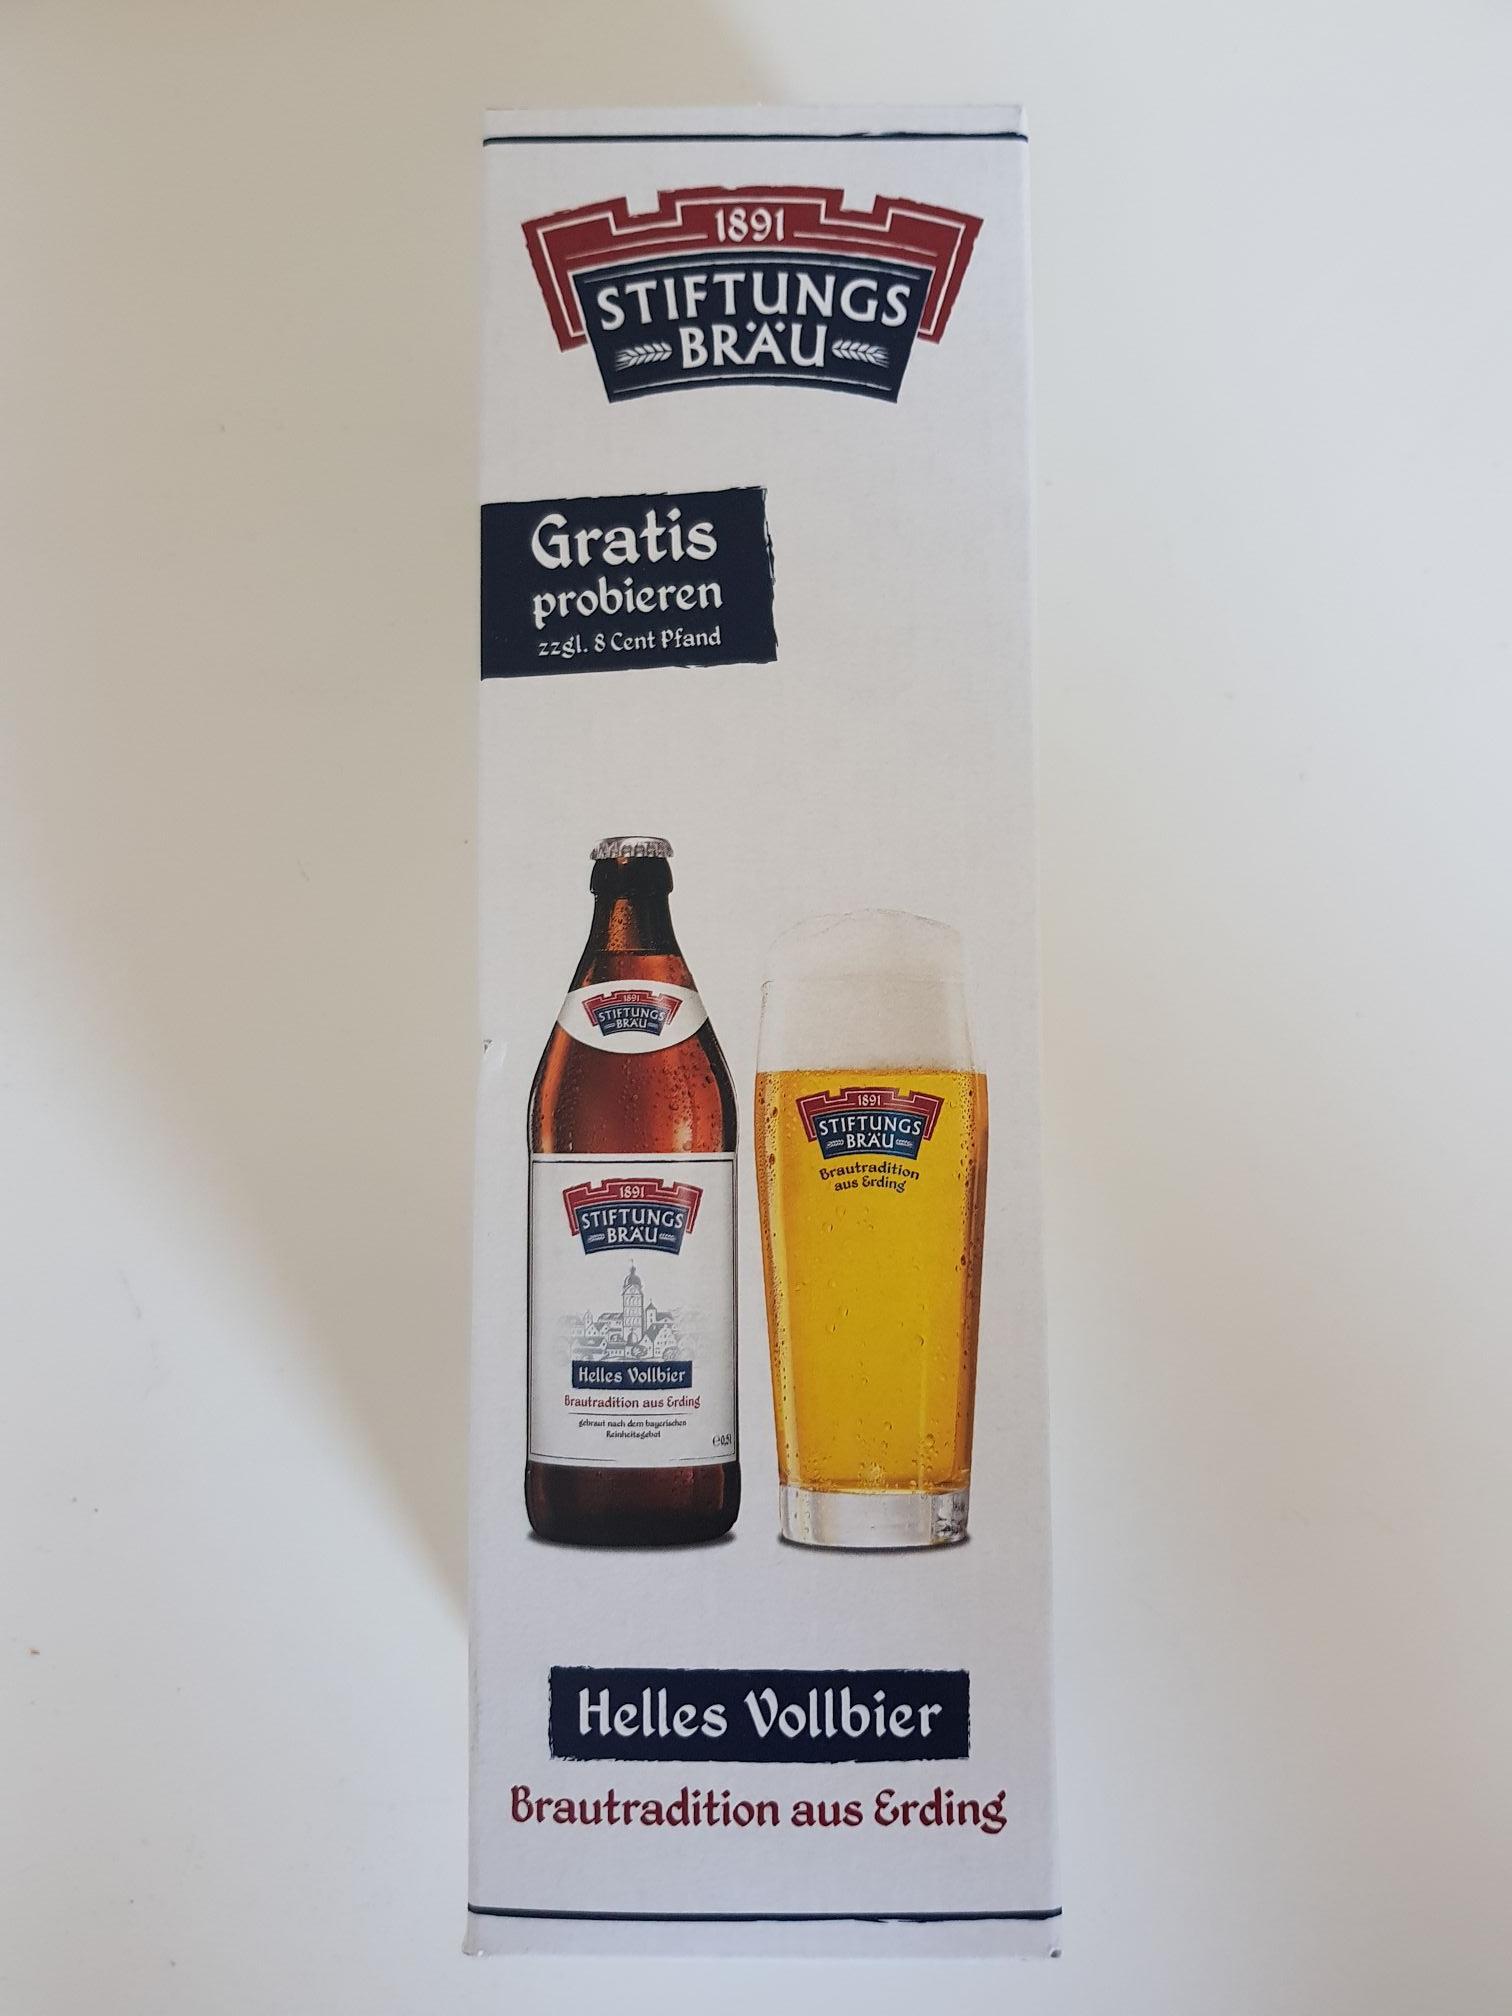 [Lokal Bocholt Dursty] Freibier! Gratis 1 Flasche Stiftungsbräu zzgl. 8 Cent Pfand